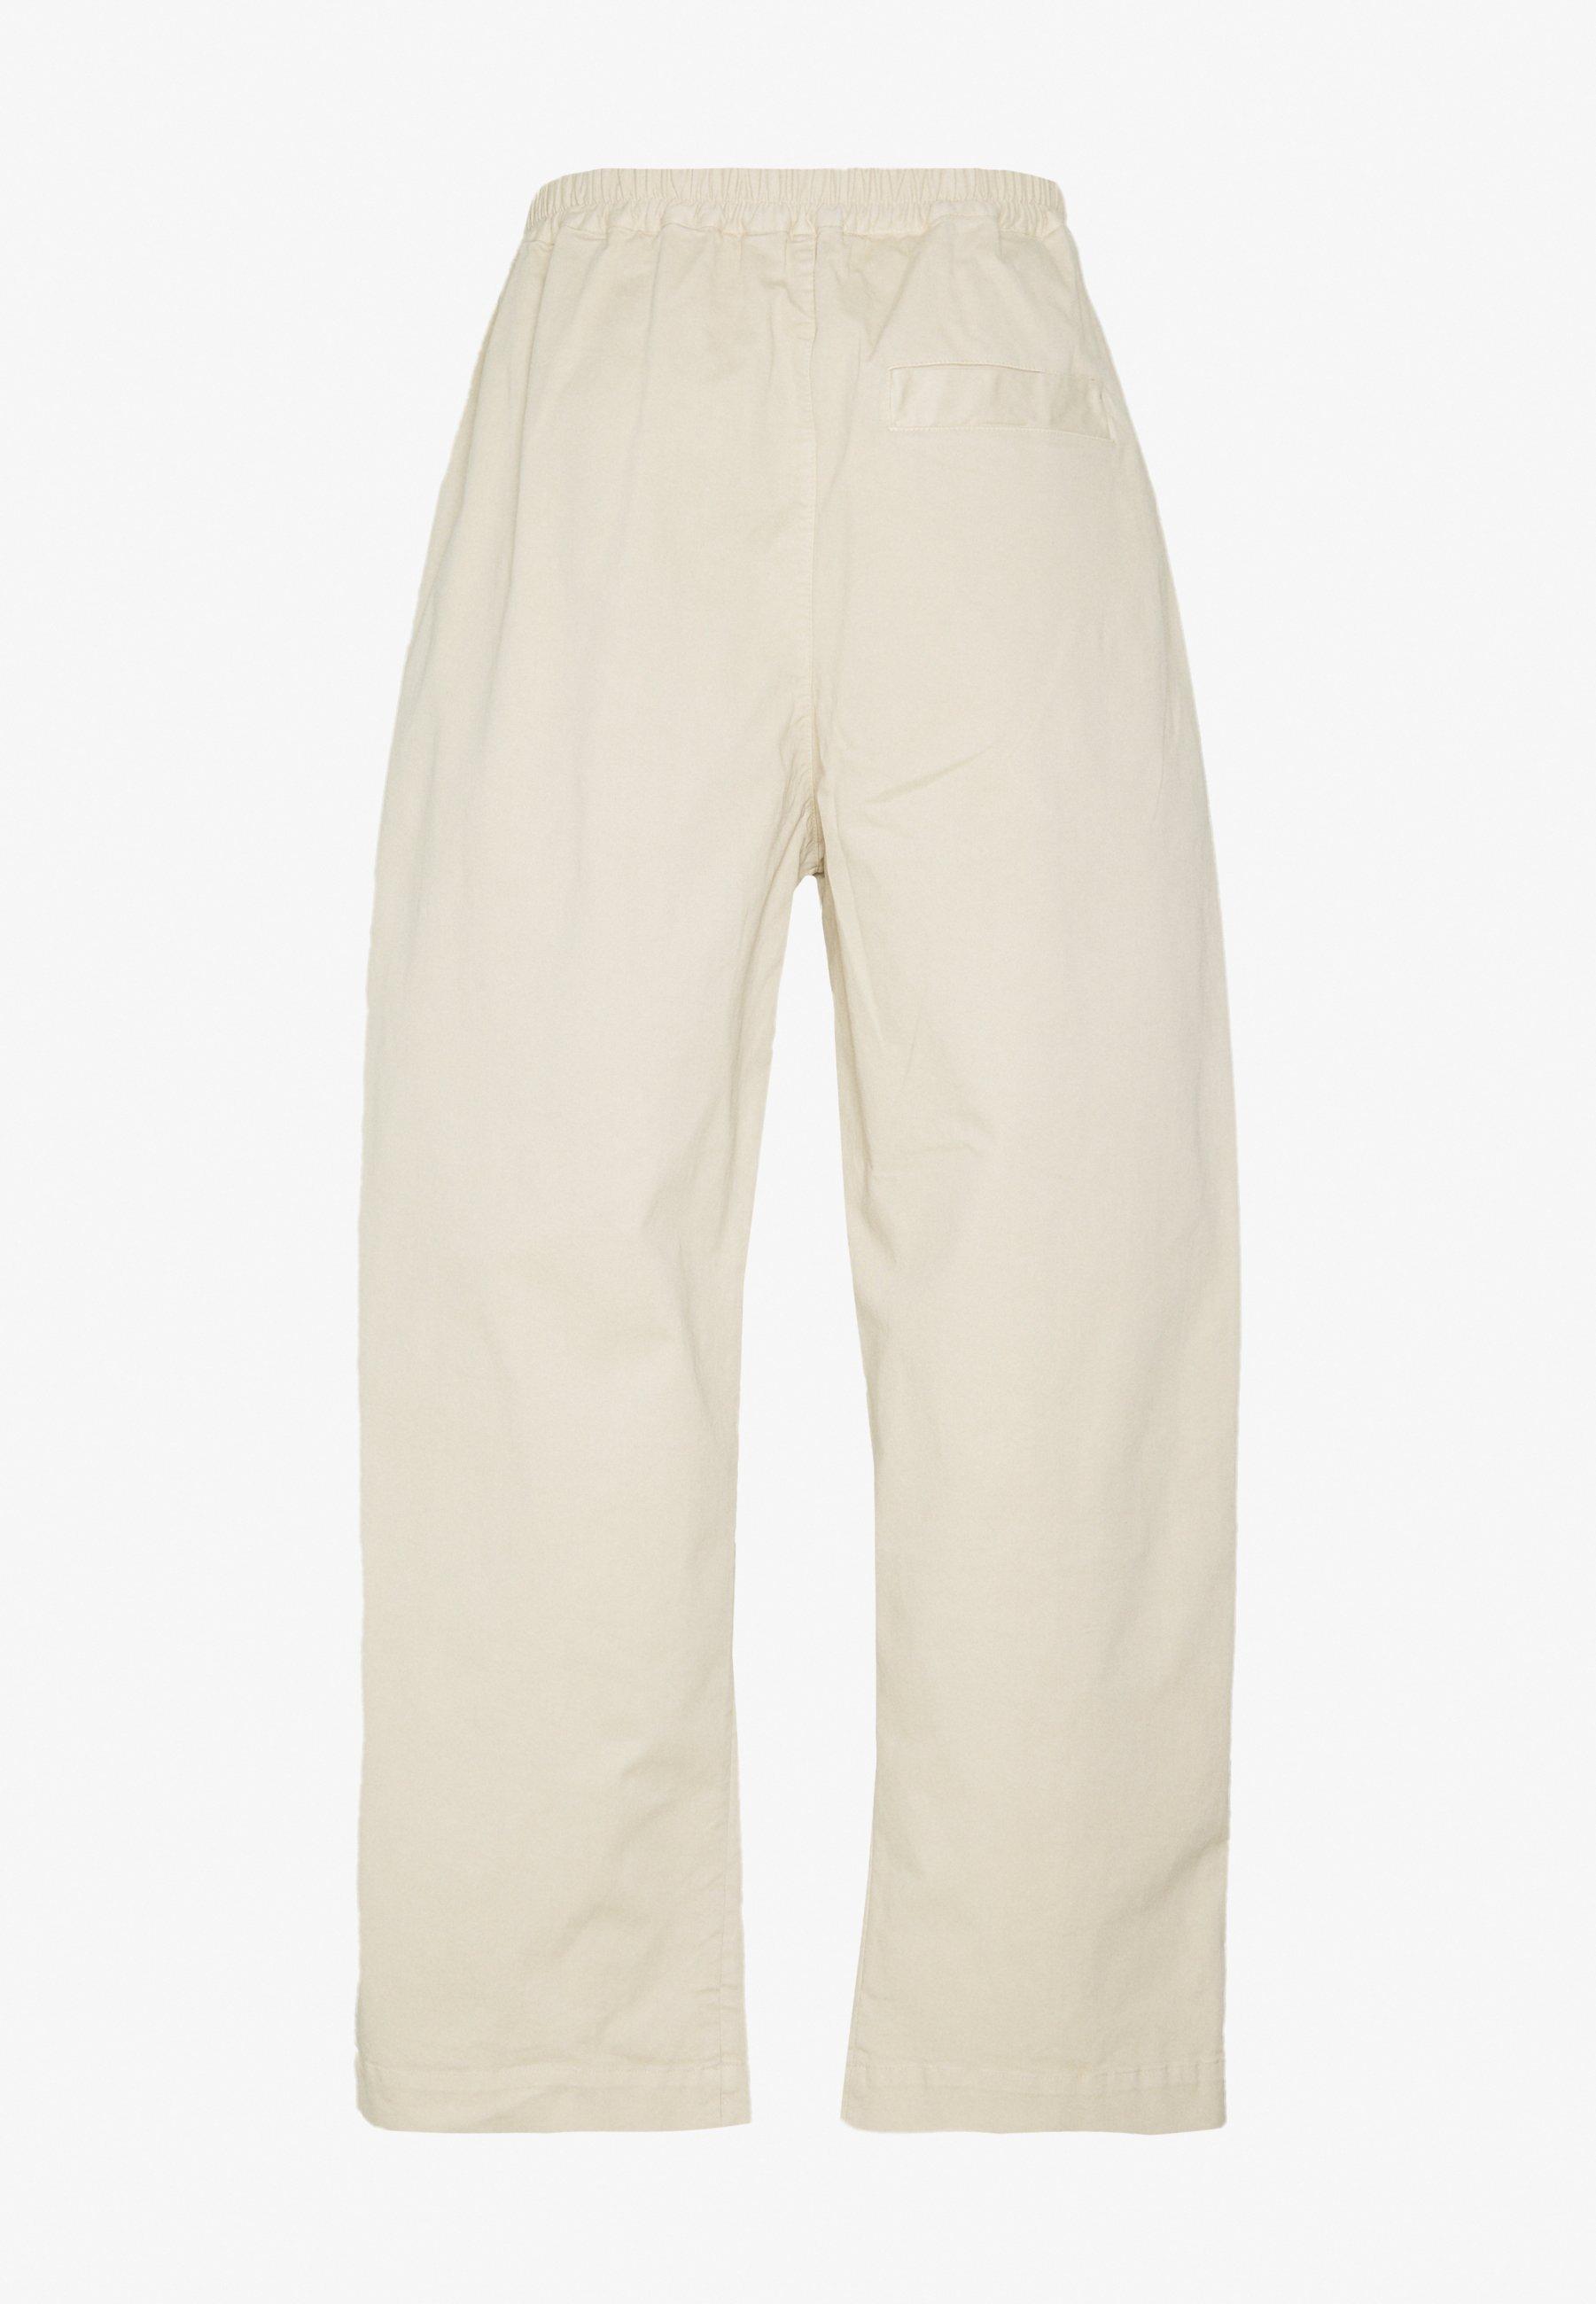 henrik vibskov bukser